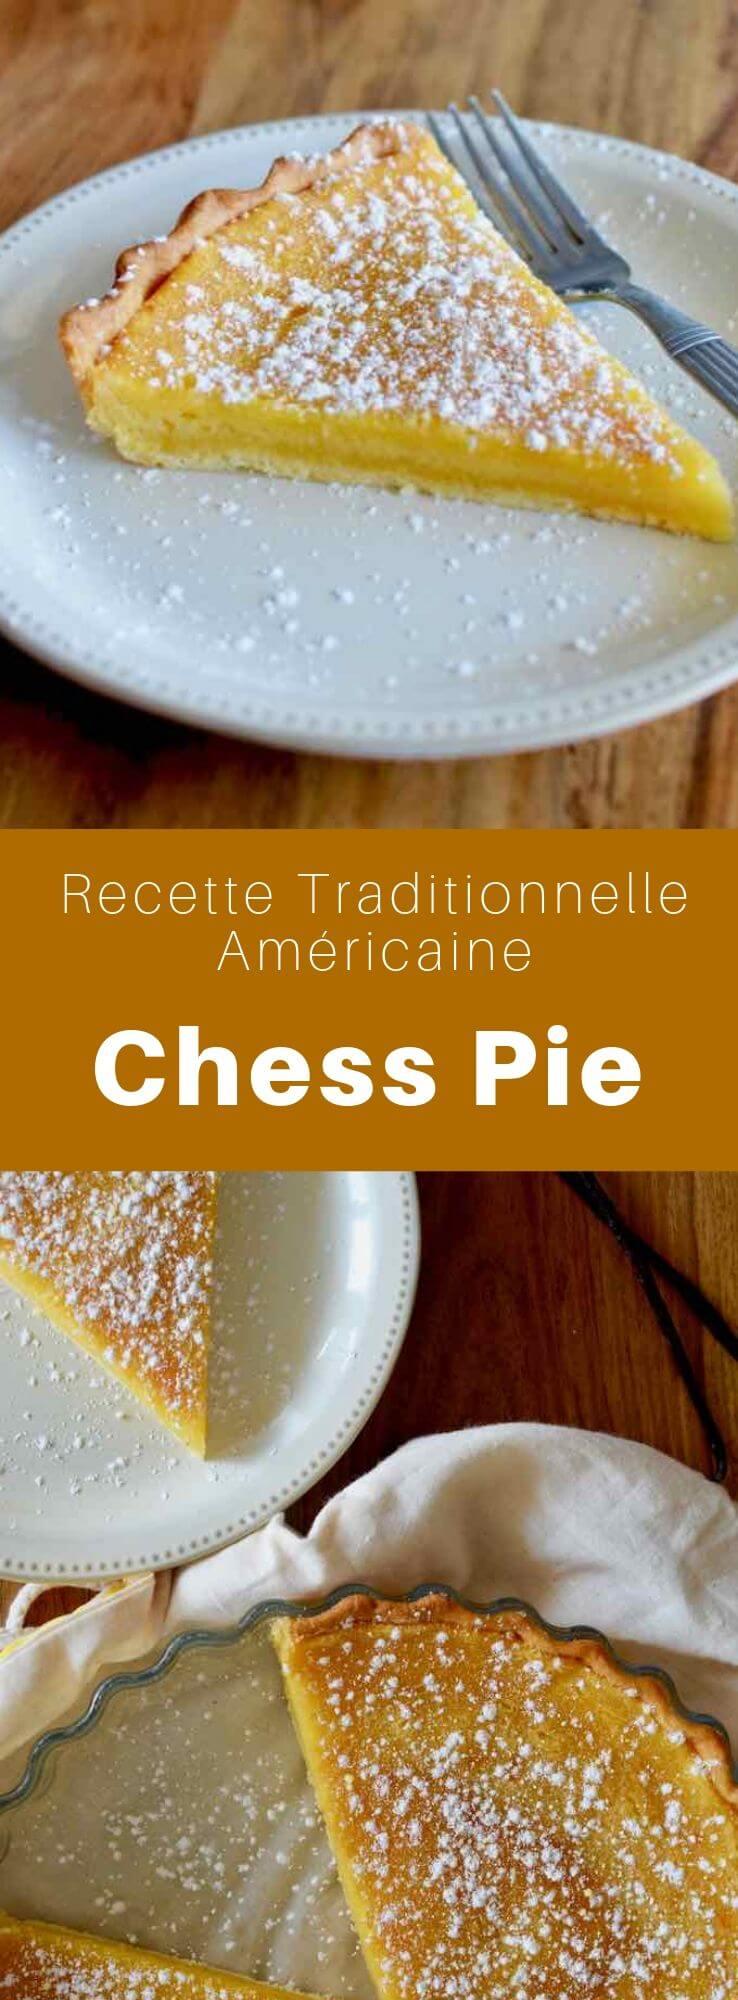 La chess pie est une tarte des plus traditionnelles du sud des États Unis composée principalement d'une garniture crémeuse cuite, parfumée à la vanille. #RecetteAmericaine #CuisineAmericaine #CuisineDuMonde #196flavors